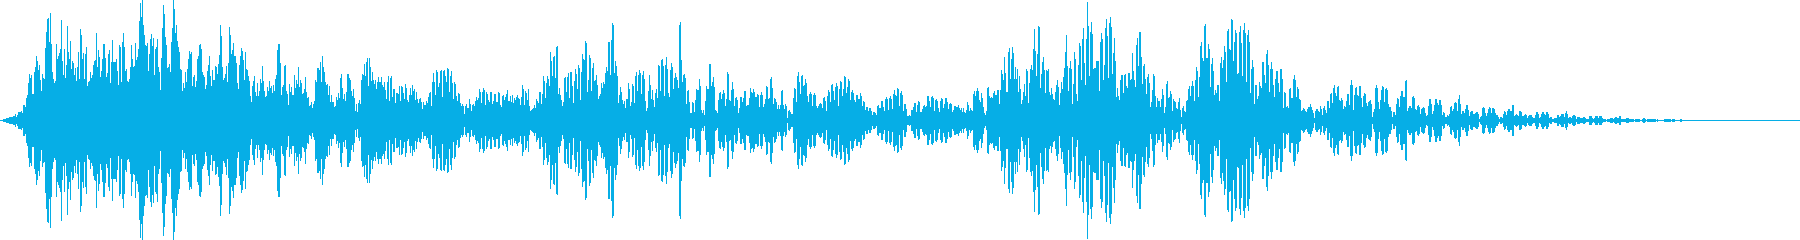 フィルターアウトによるストレッチイ...の再生済みの波形